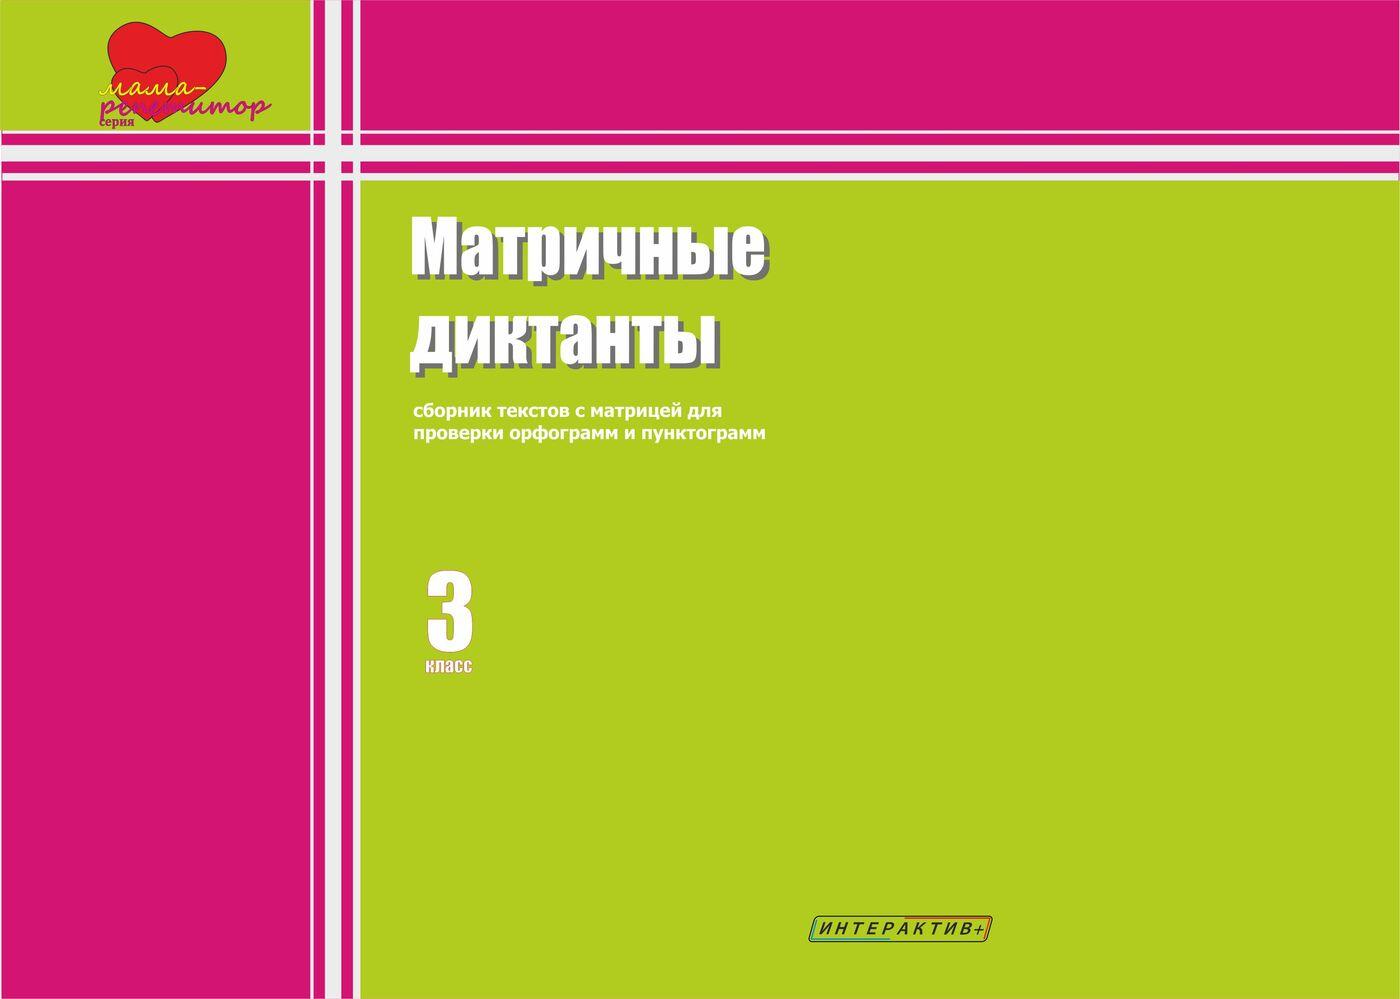 Матричные диктанты. 3 класс